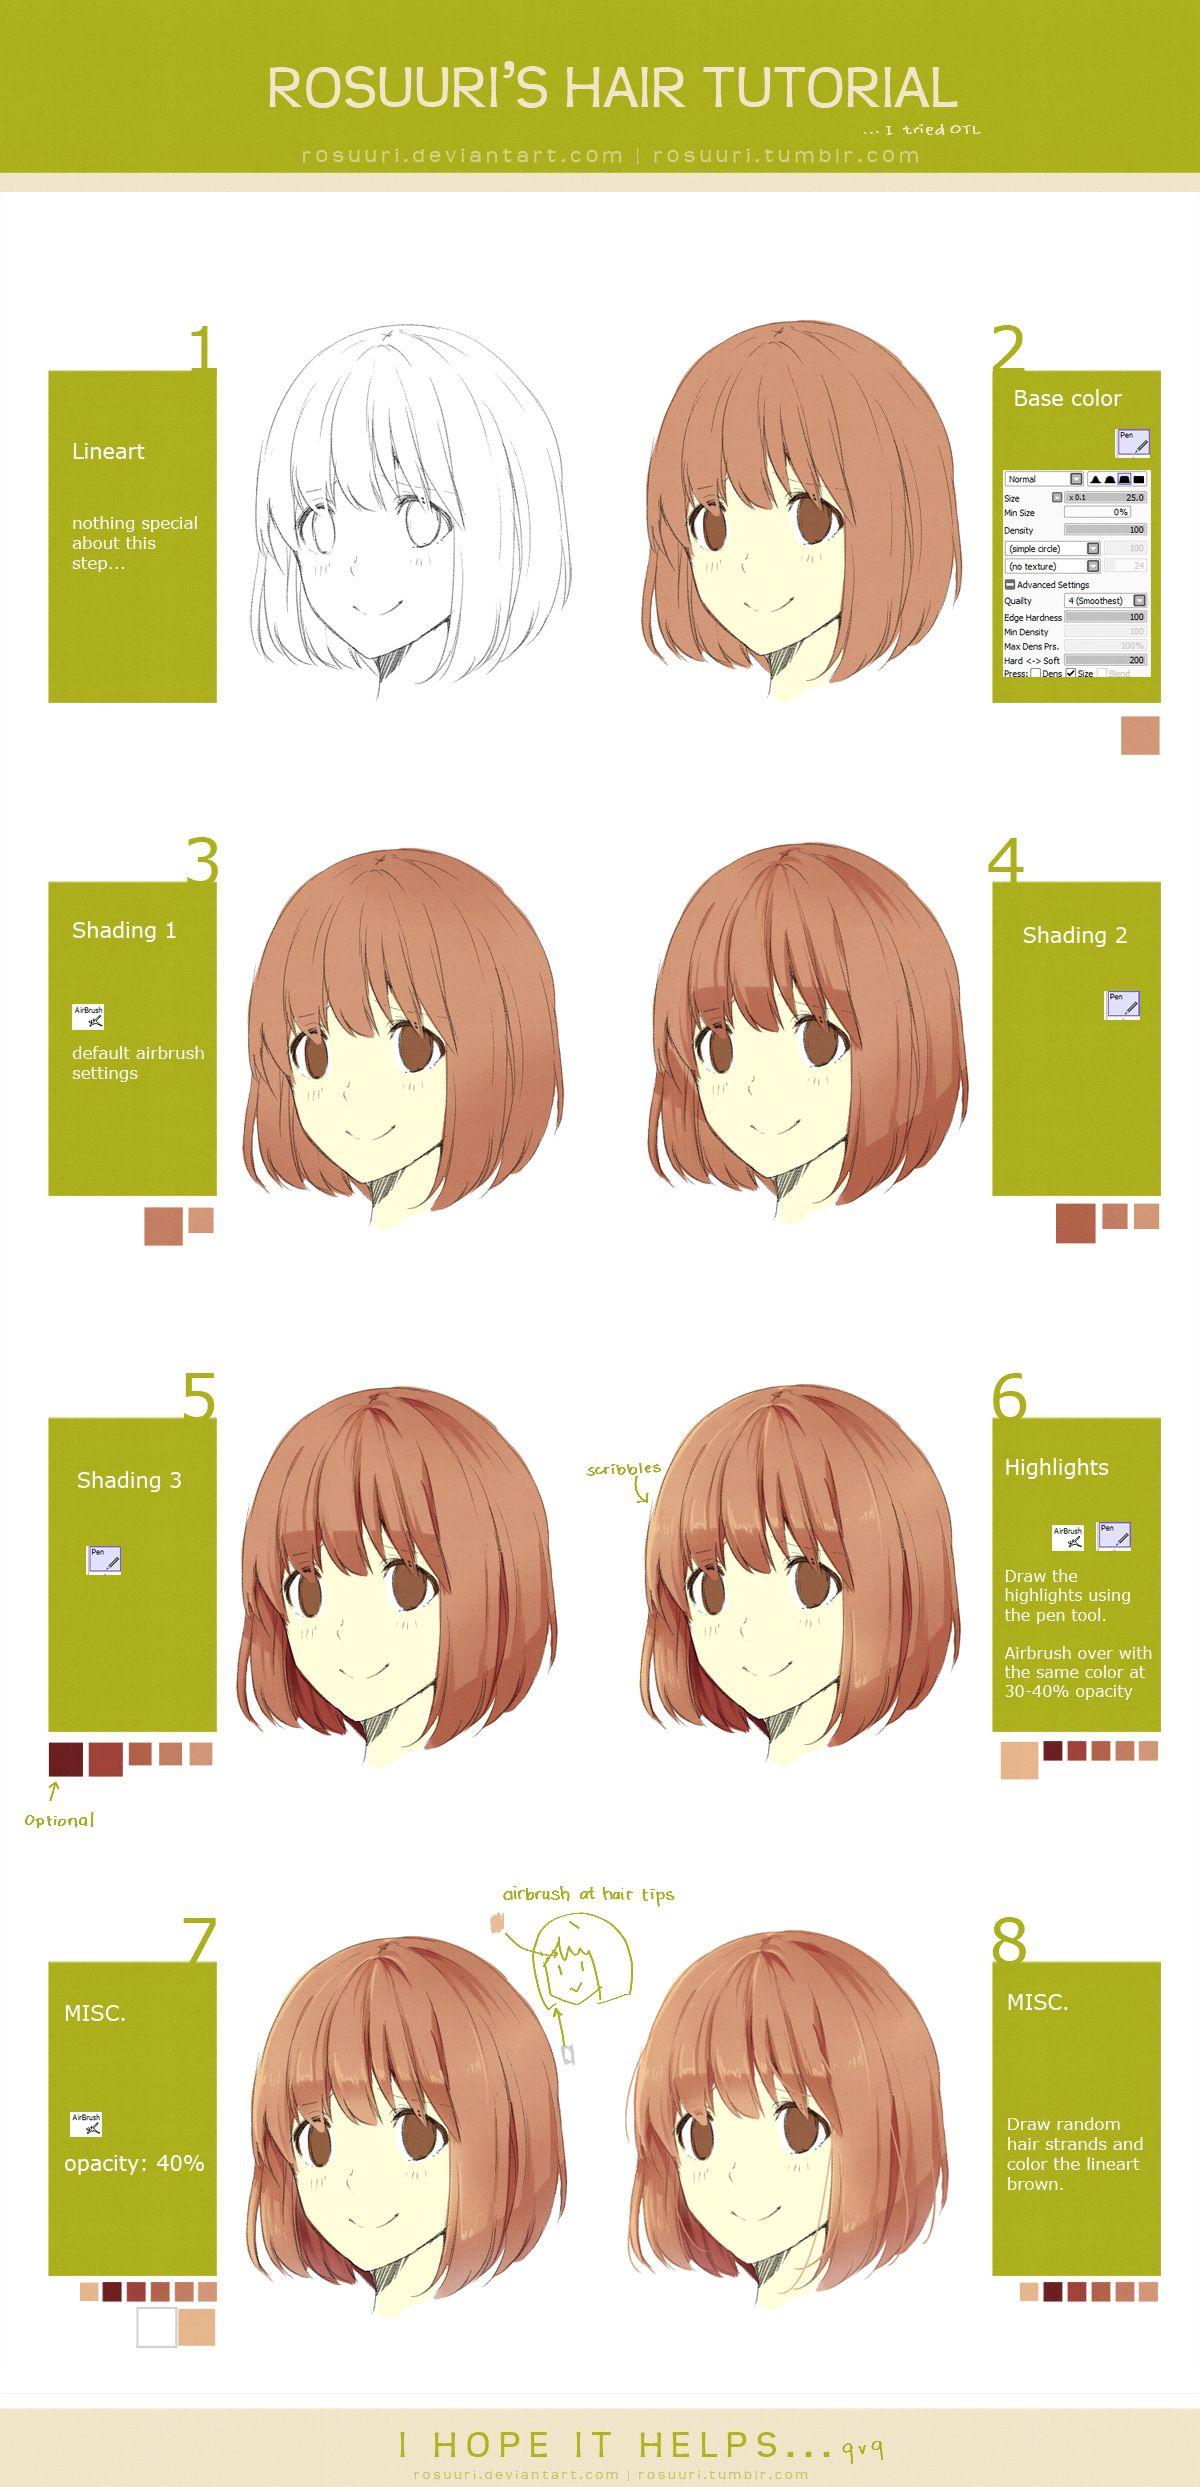 Hair Tutorial By Rosuuriiantart On Deviantart 31